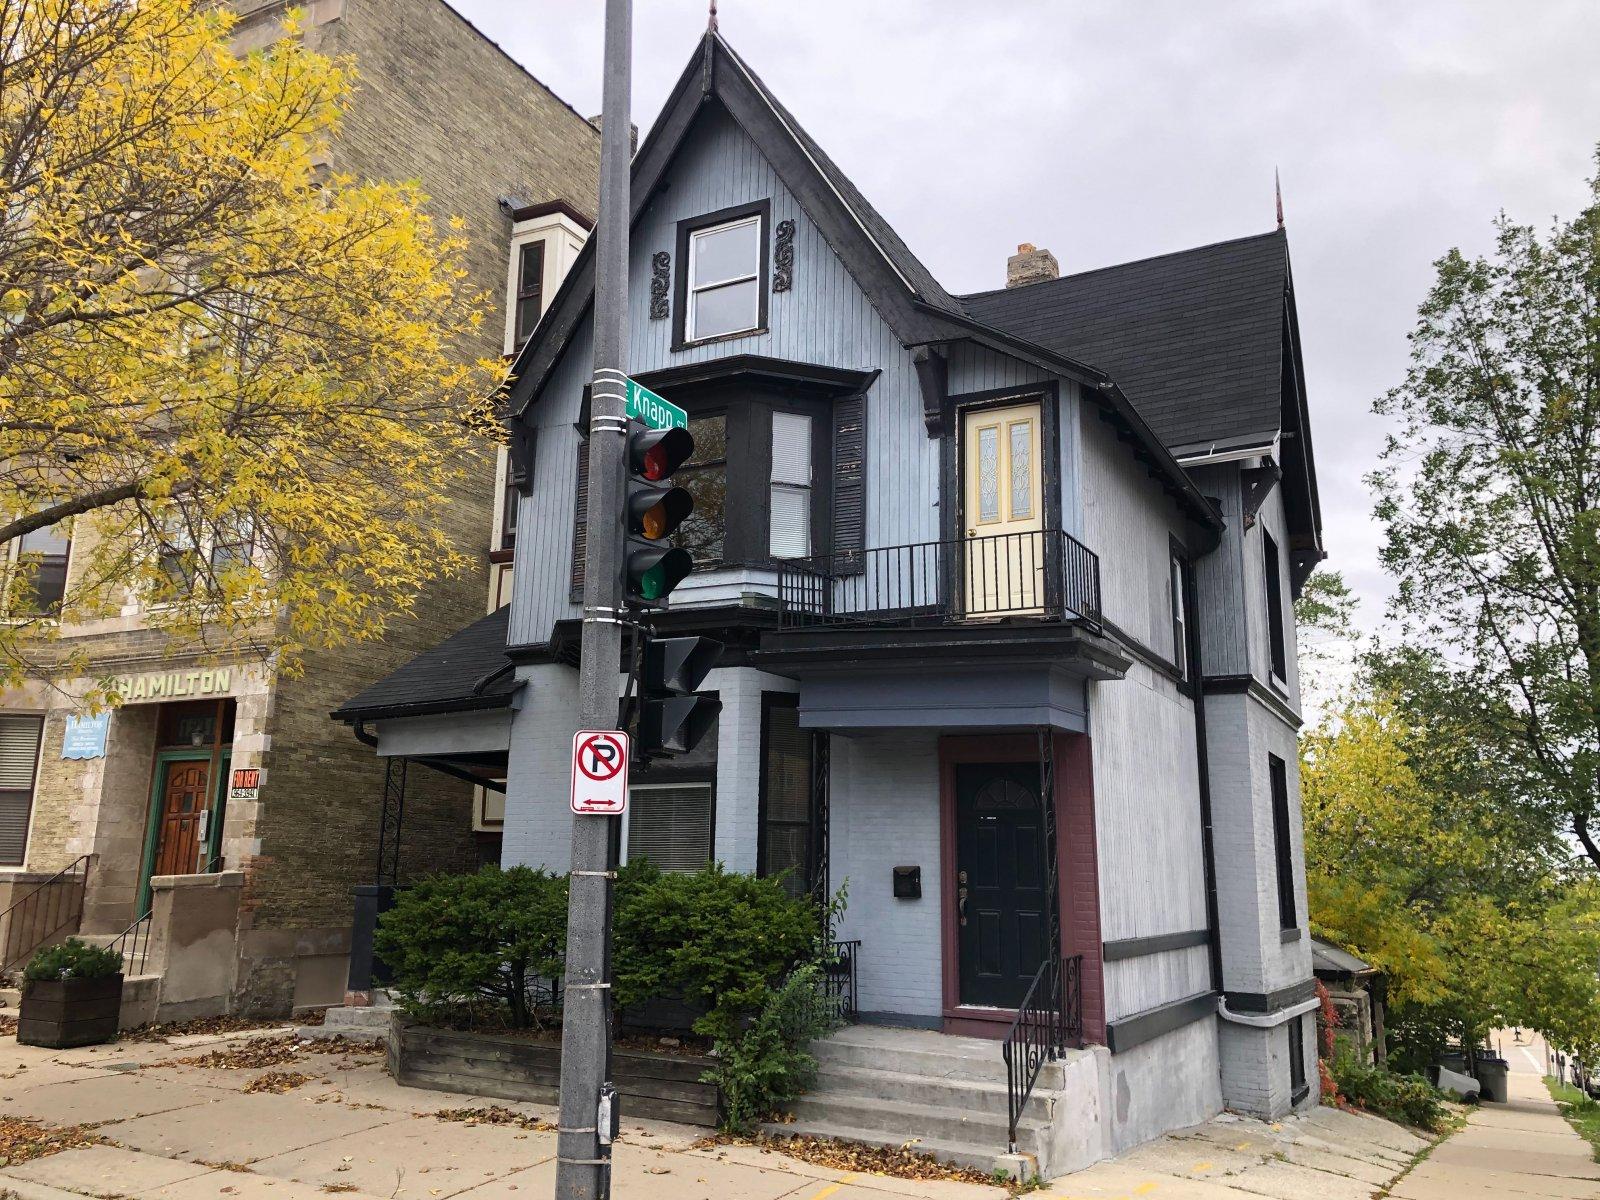 1245-1247 N. Milwaukee St.